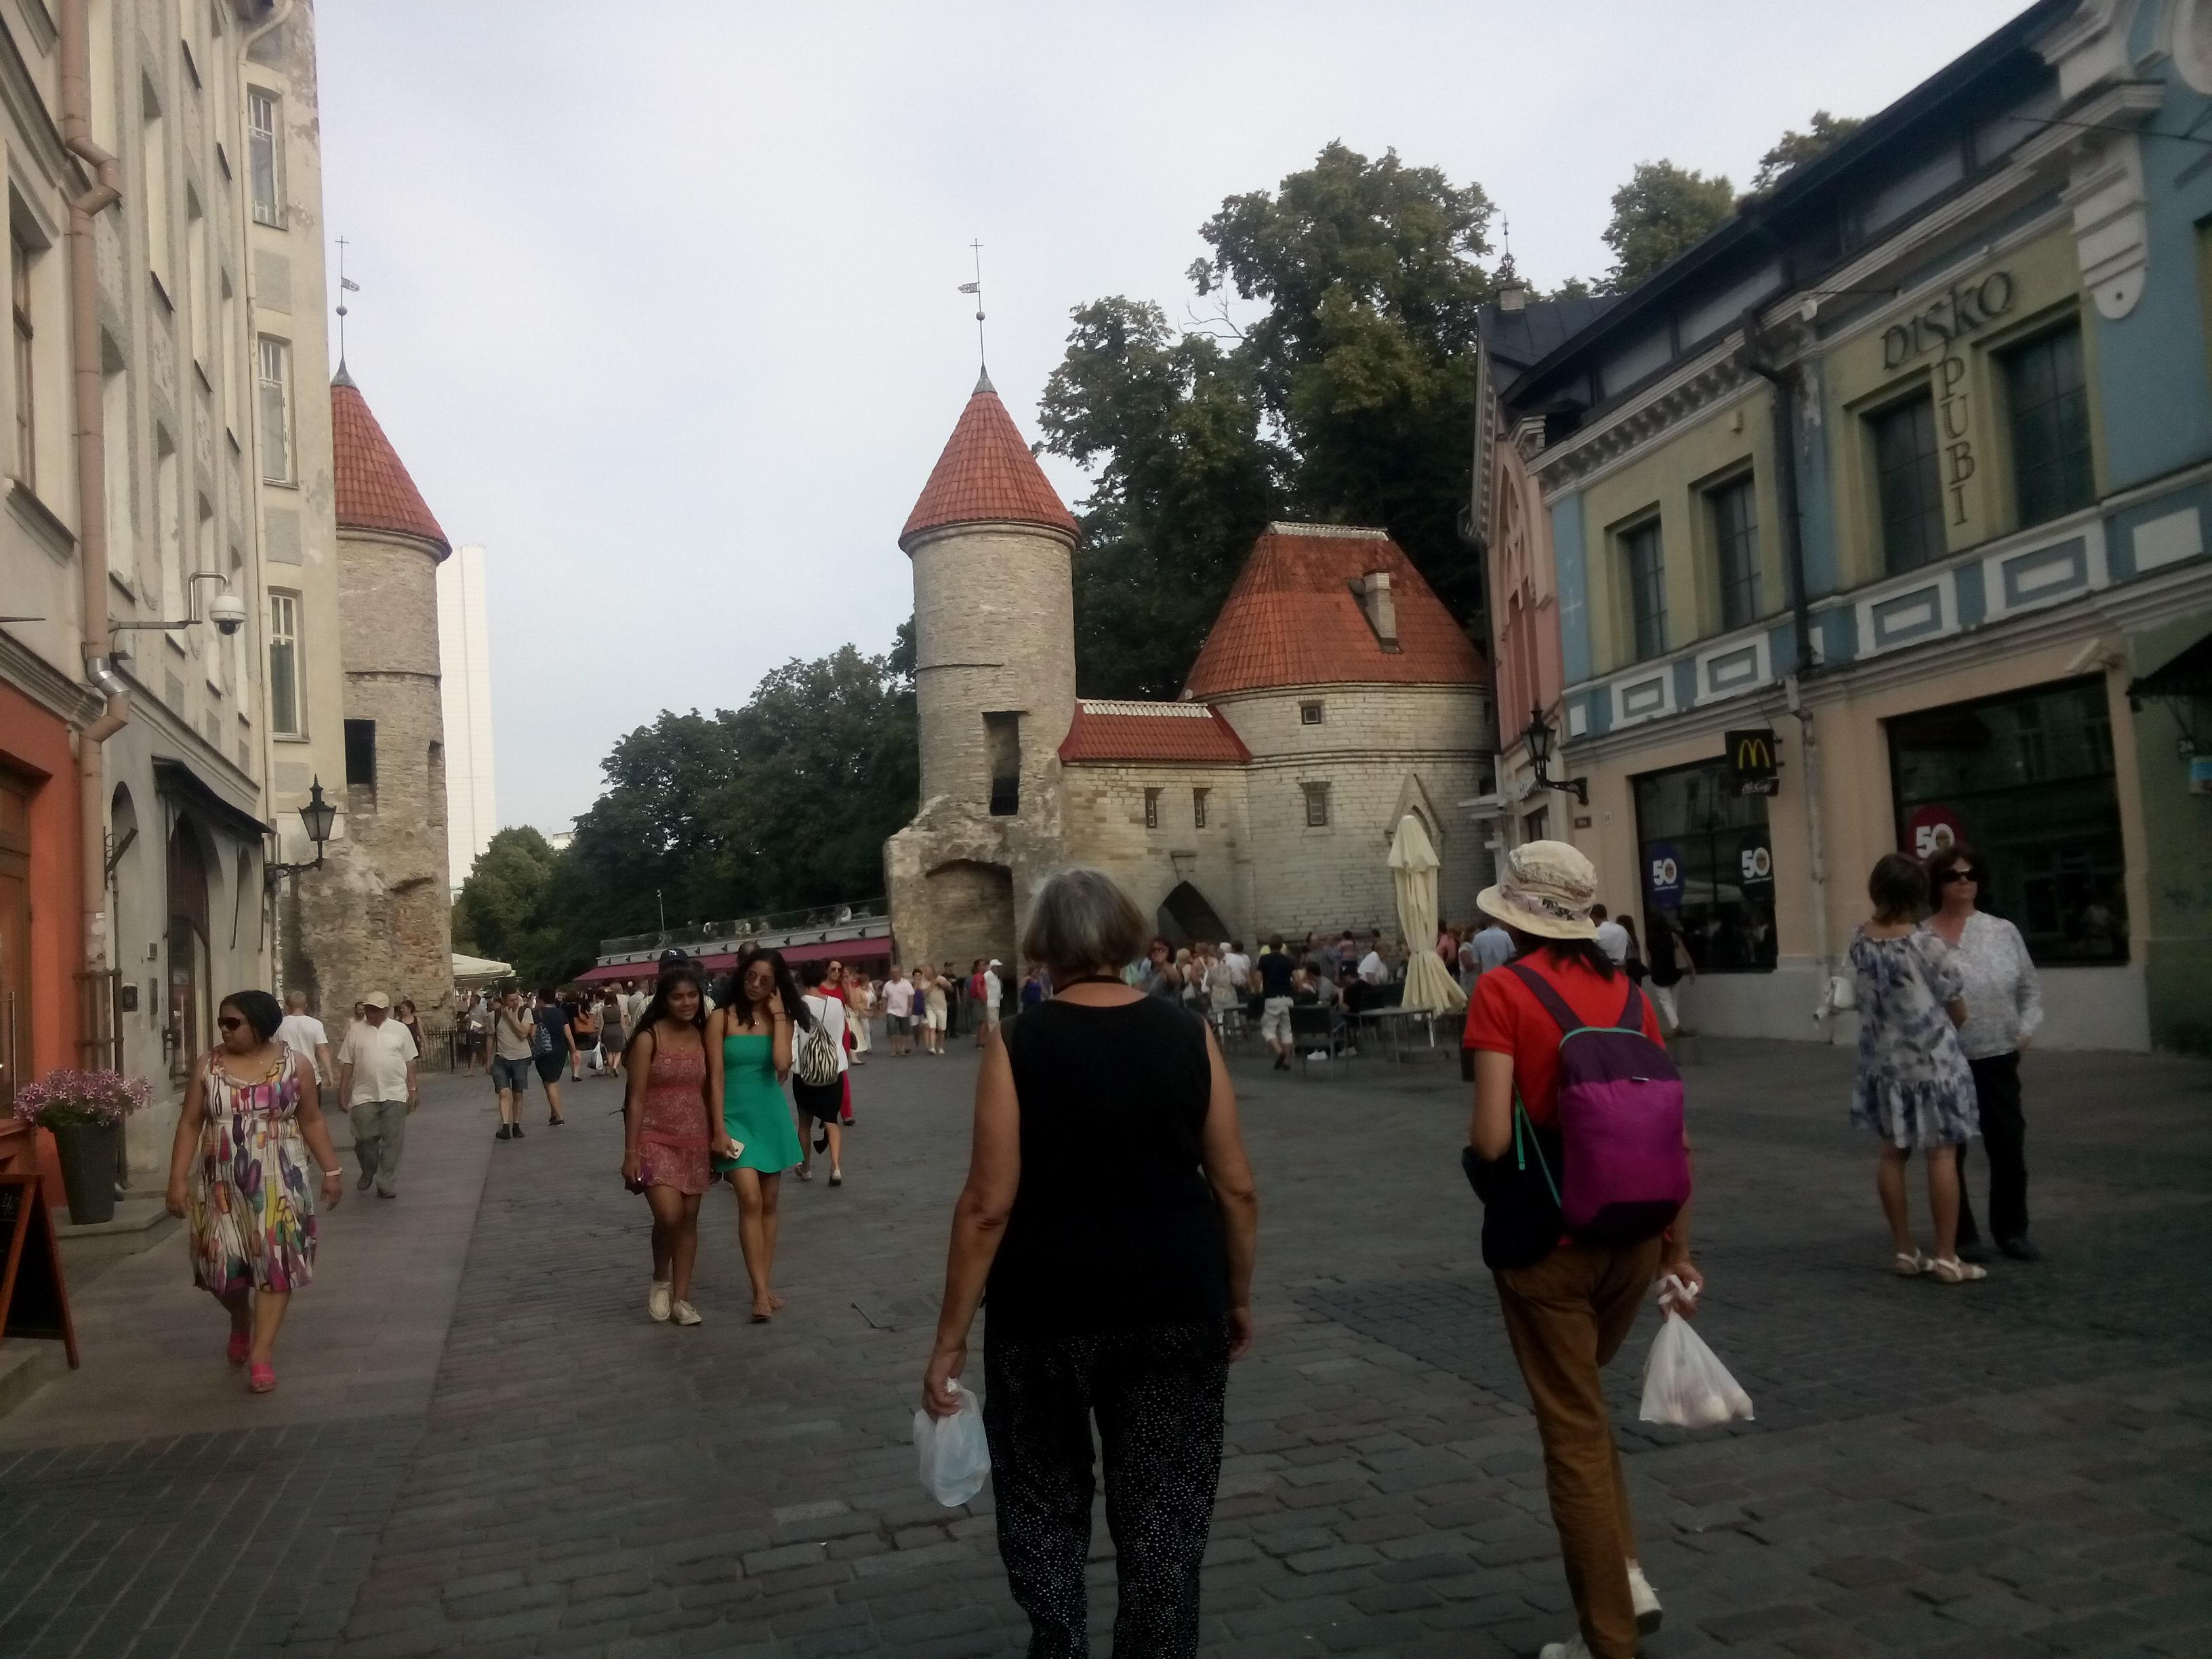 https://i.amy.gy/201808-estonia/IMG_20180809_175759.jpg